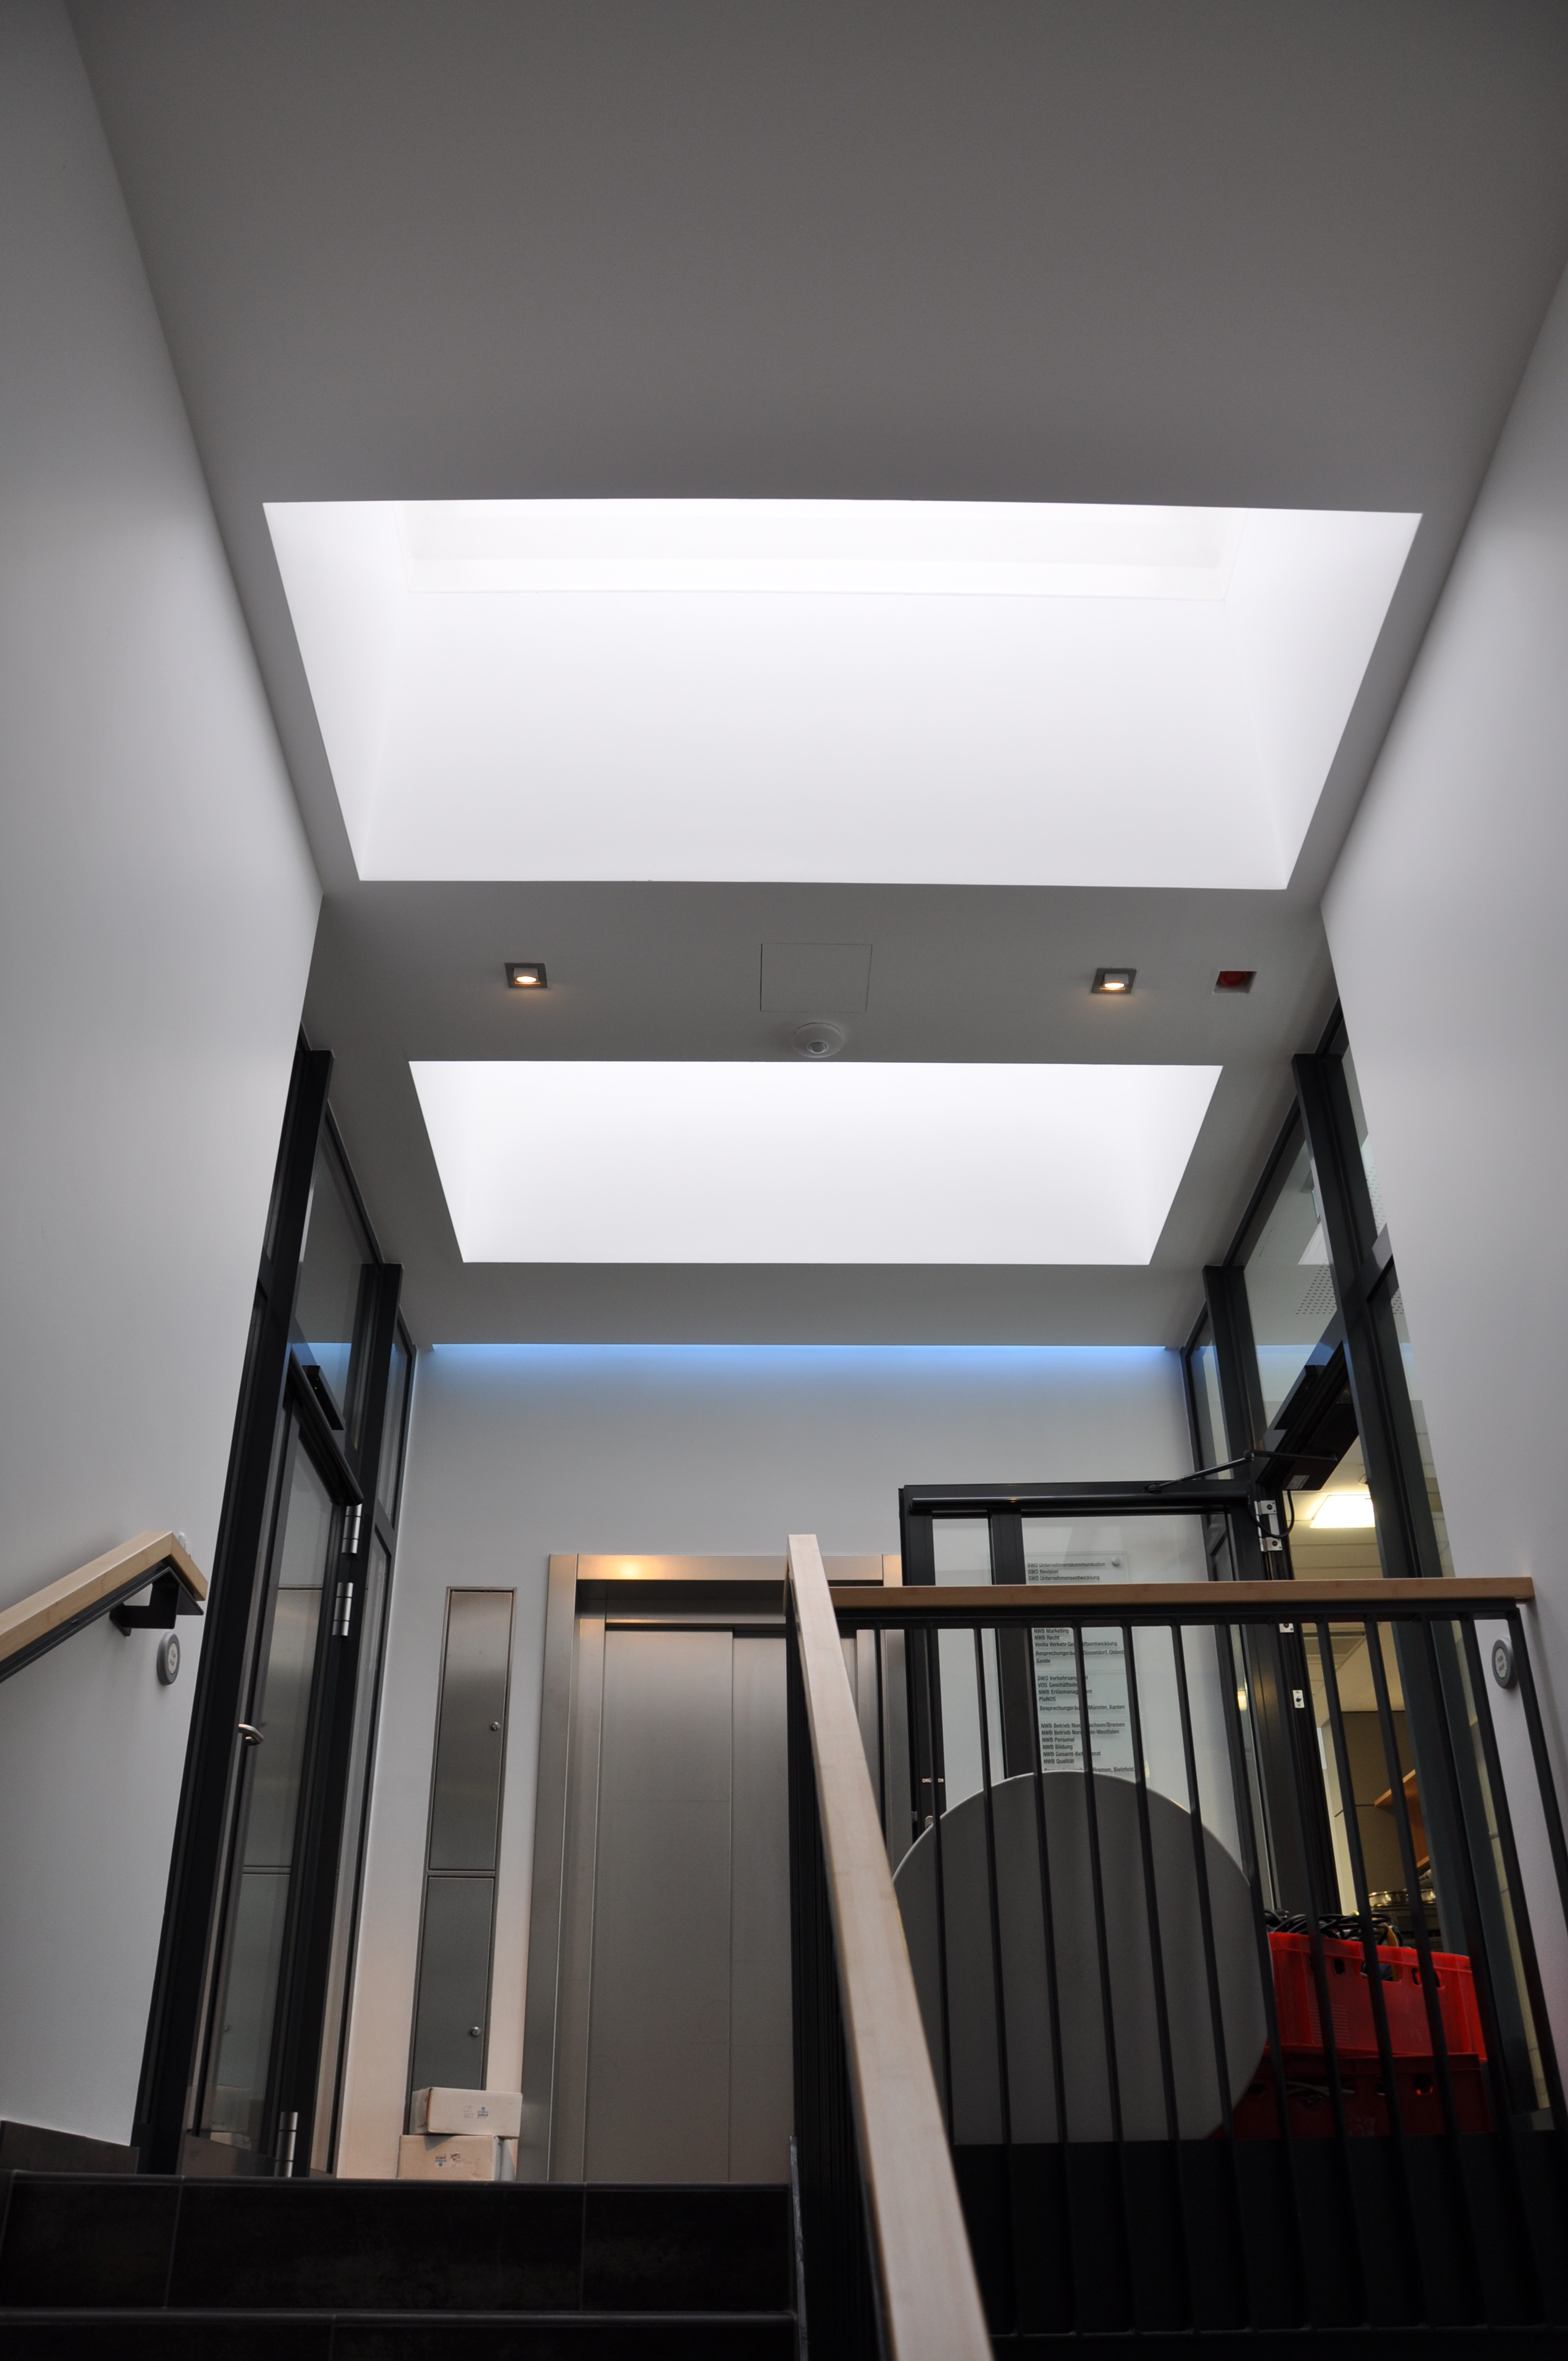 osnabr ck airconcept greenvent. Black Bedroom Furniture Sets. Home Design Ideas